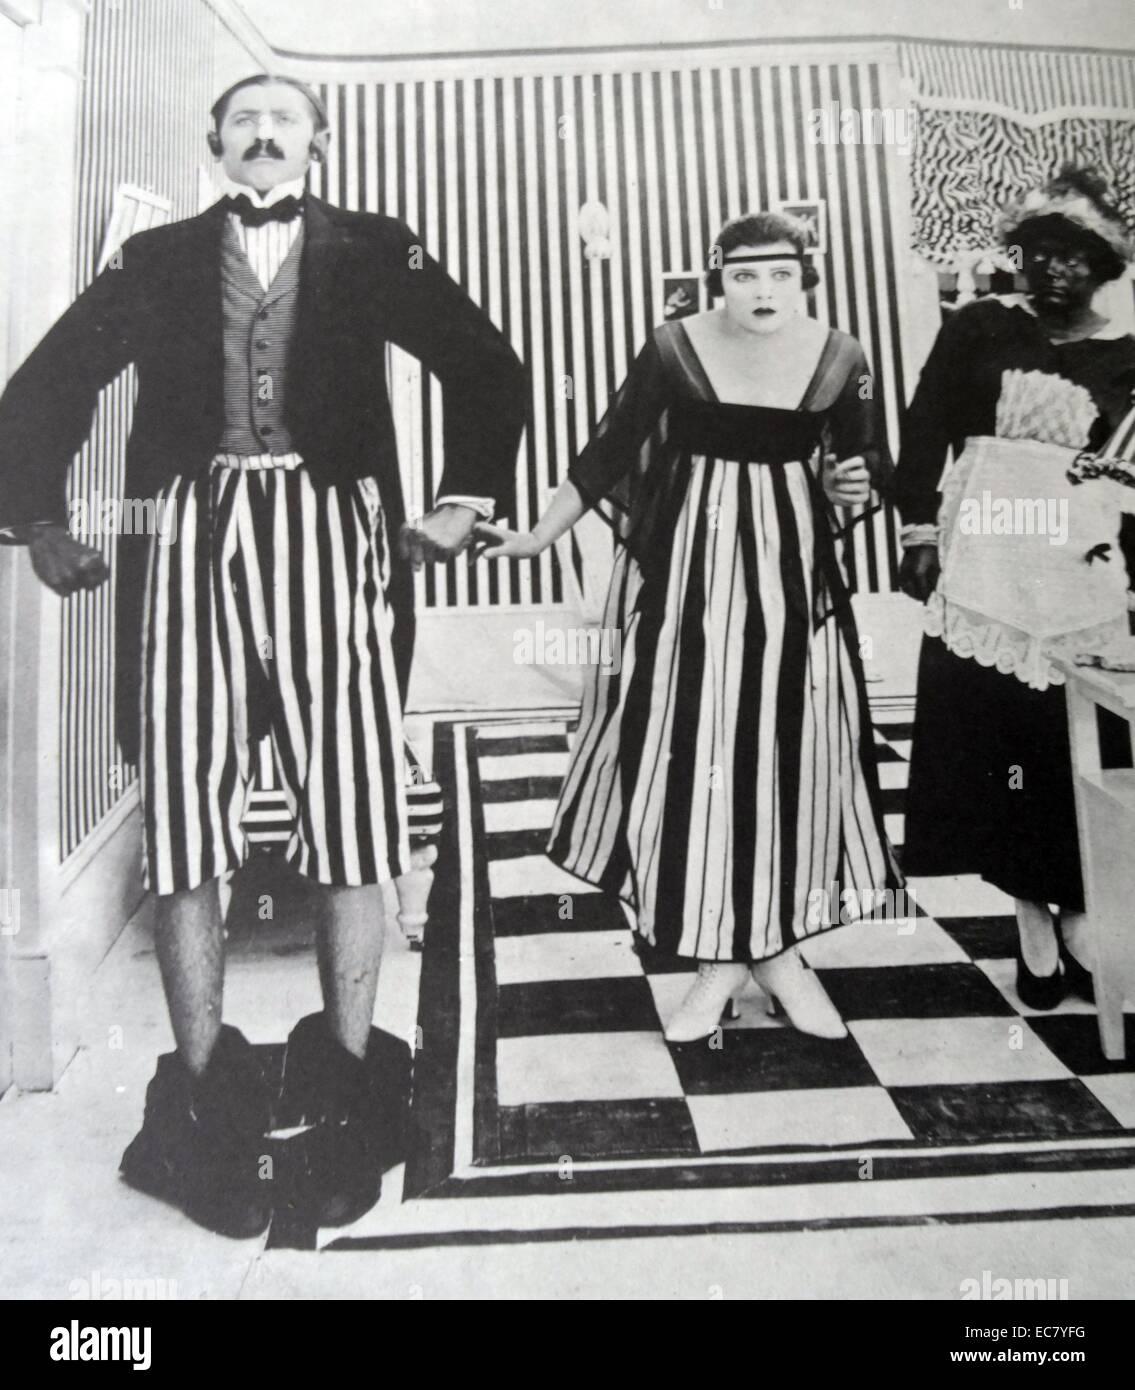 La Sennett imitateurs. Son dernier rire, c 1916 avec Marie Thurman. Photo Stock